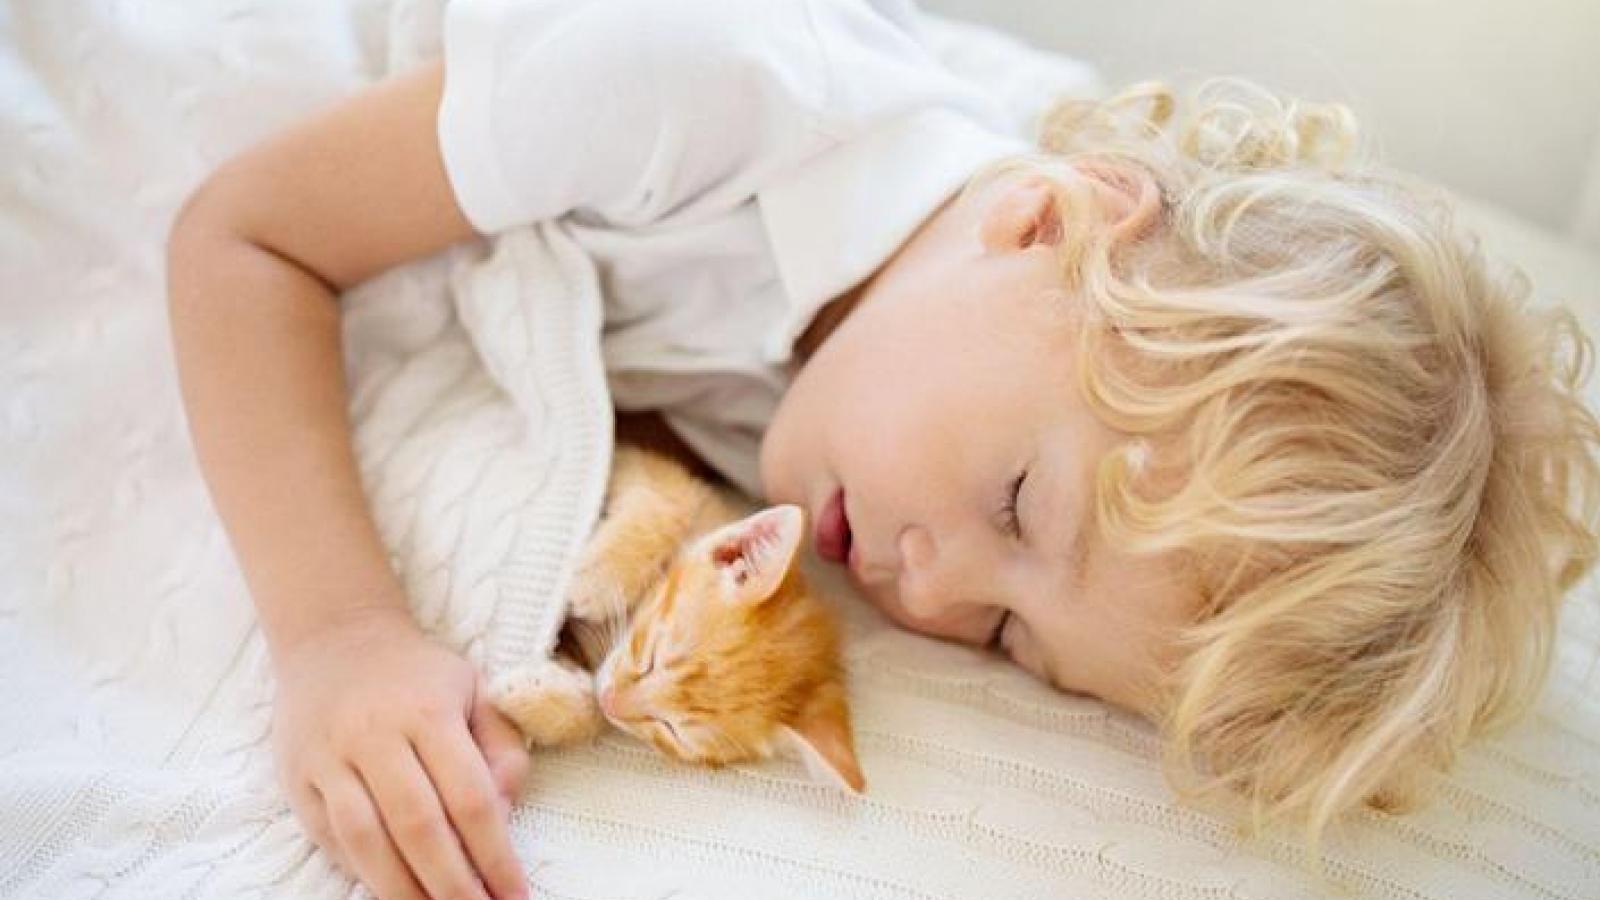 Có nên cho bé yêu ngủ chung với thú cưng?